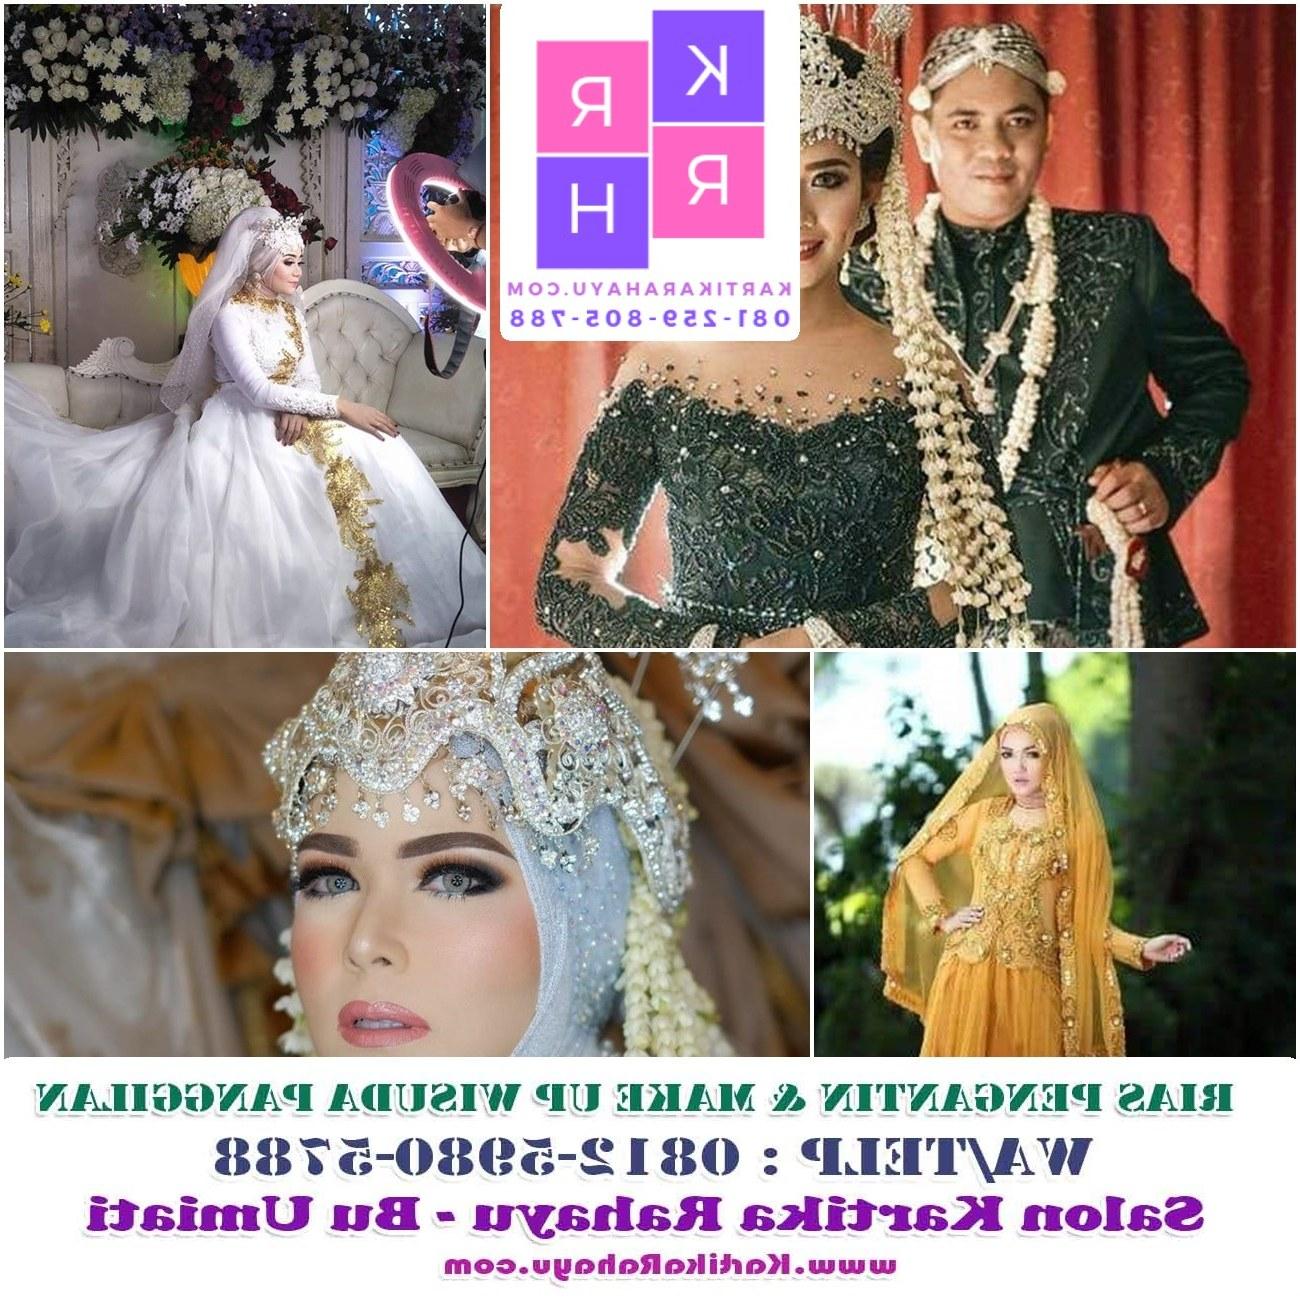 Ide Sewa Gaun Pengantin Muslimah Malang Budm Wedding Package Malang Terbaik